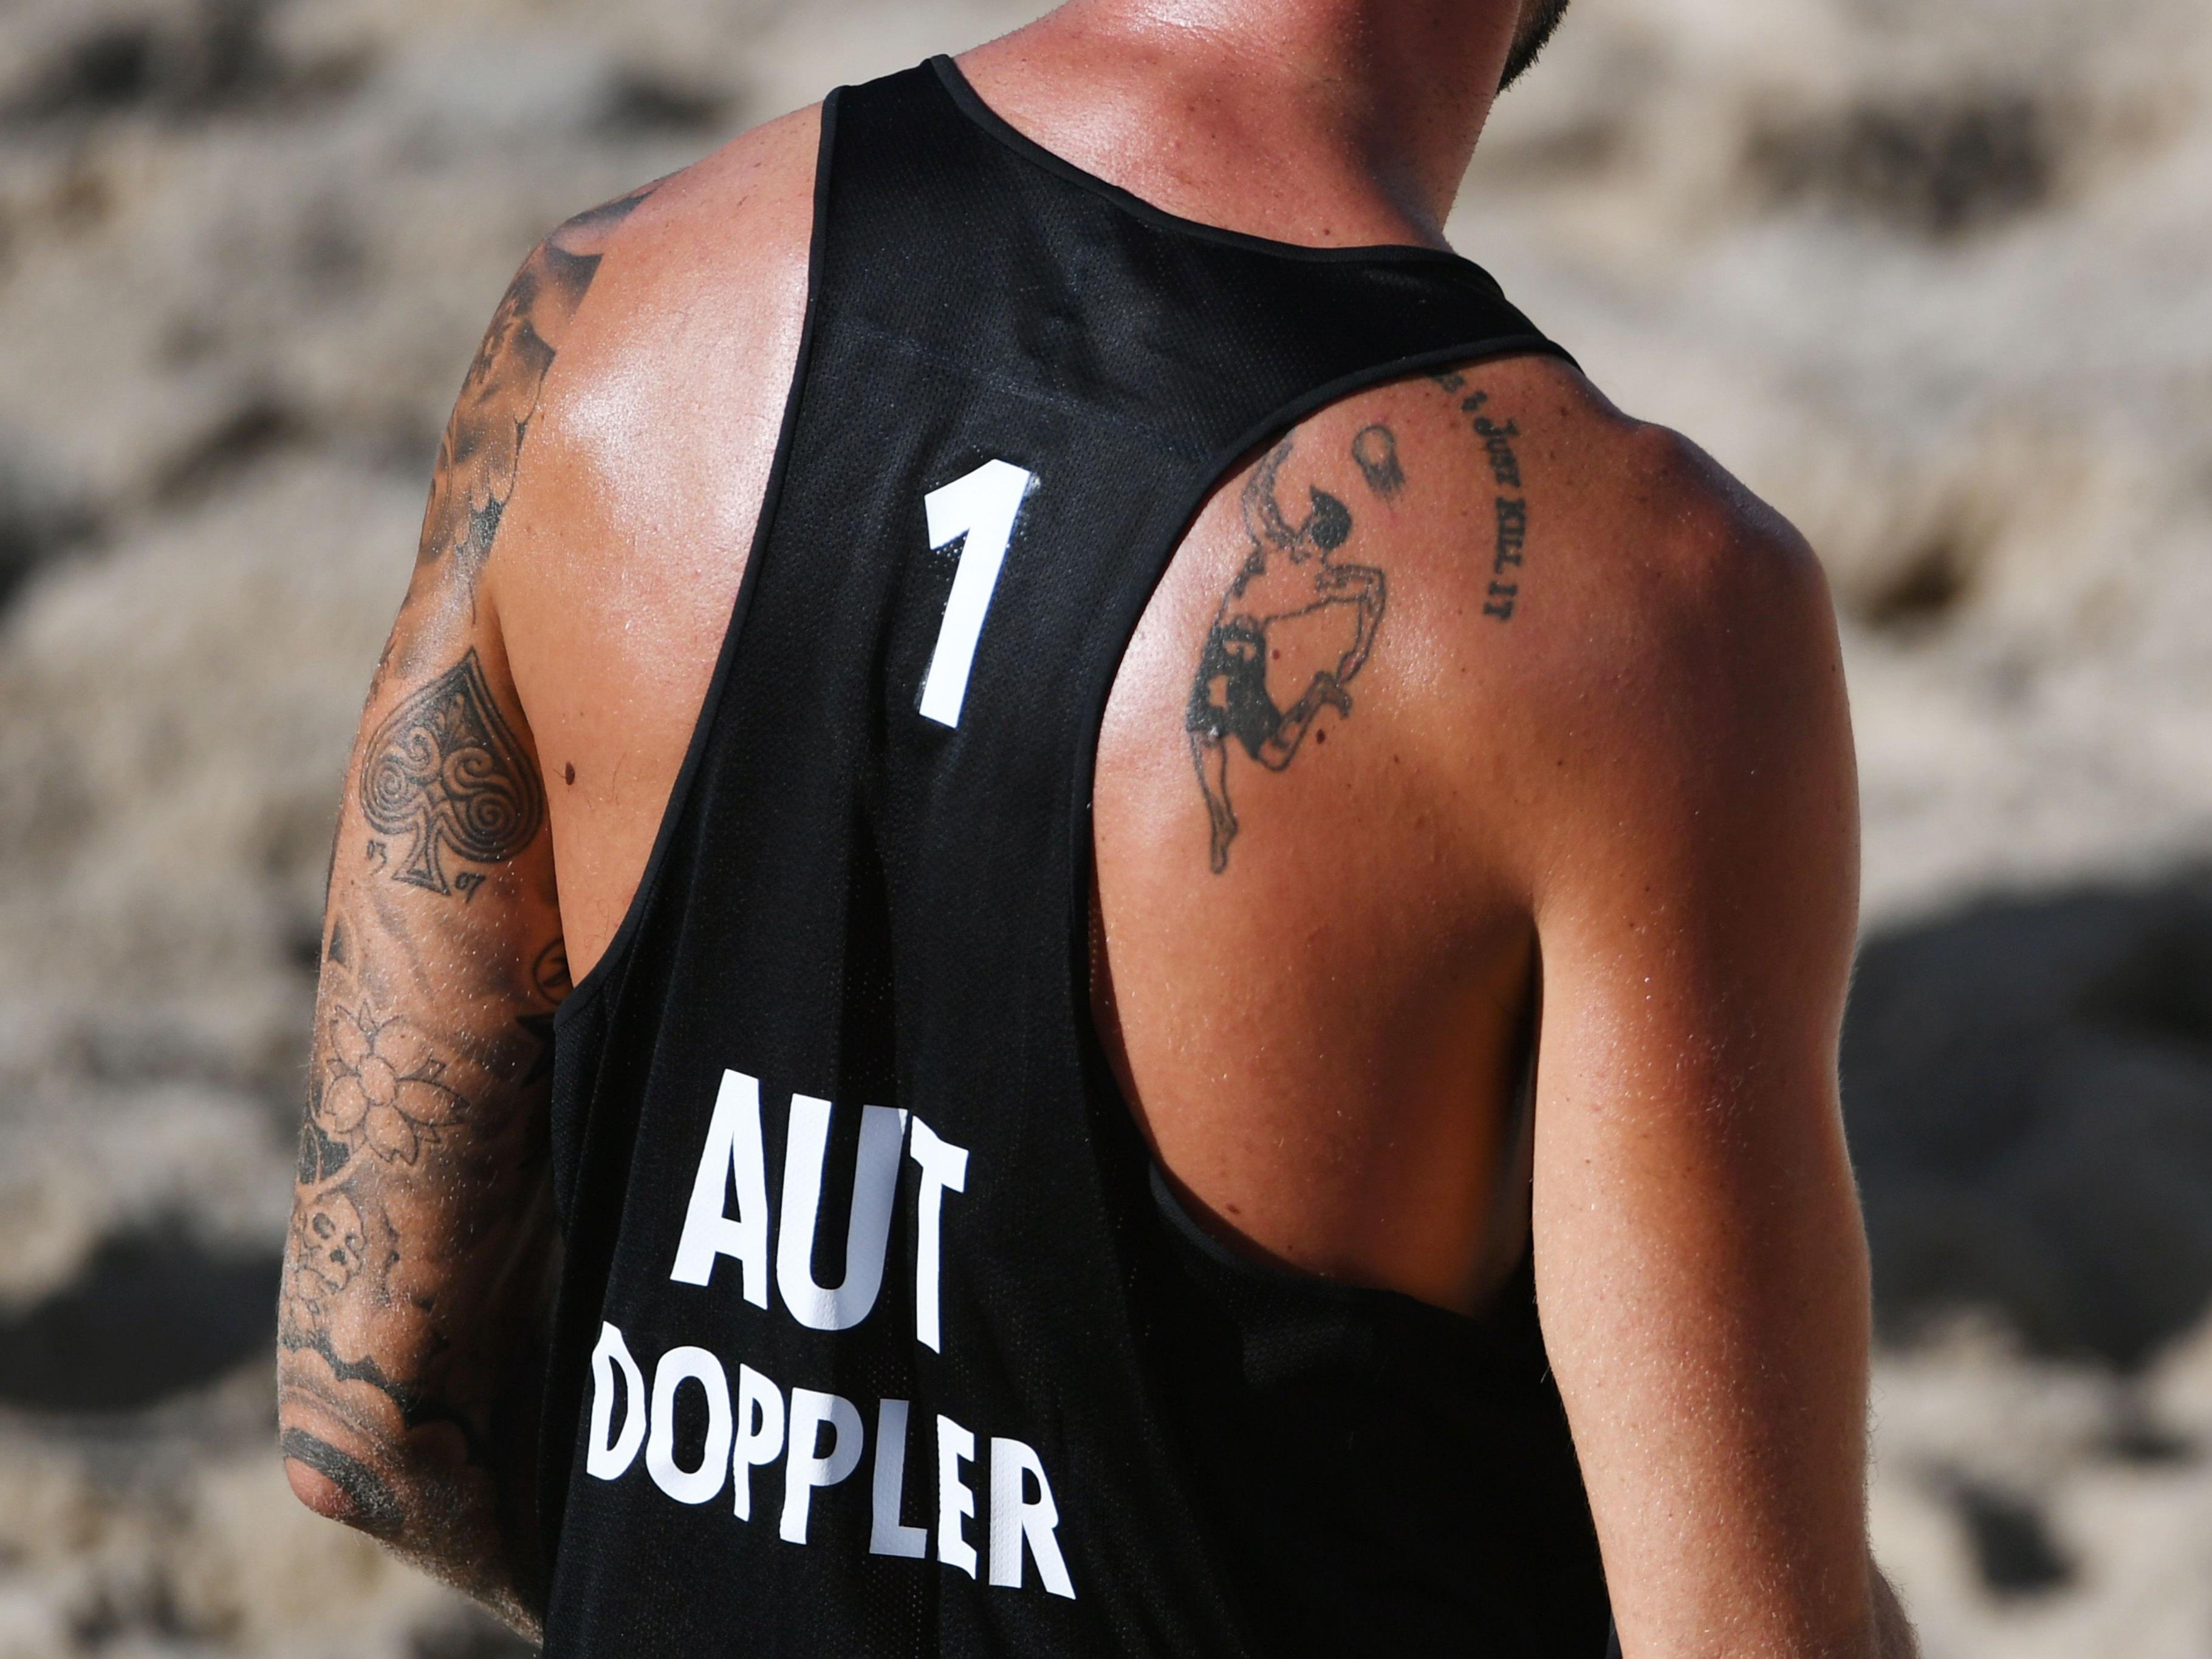 Für Clemens Doppler und Alexander Horst war in Rio de Janeiro im Achtelfinale Endstation.